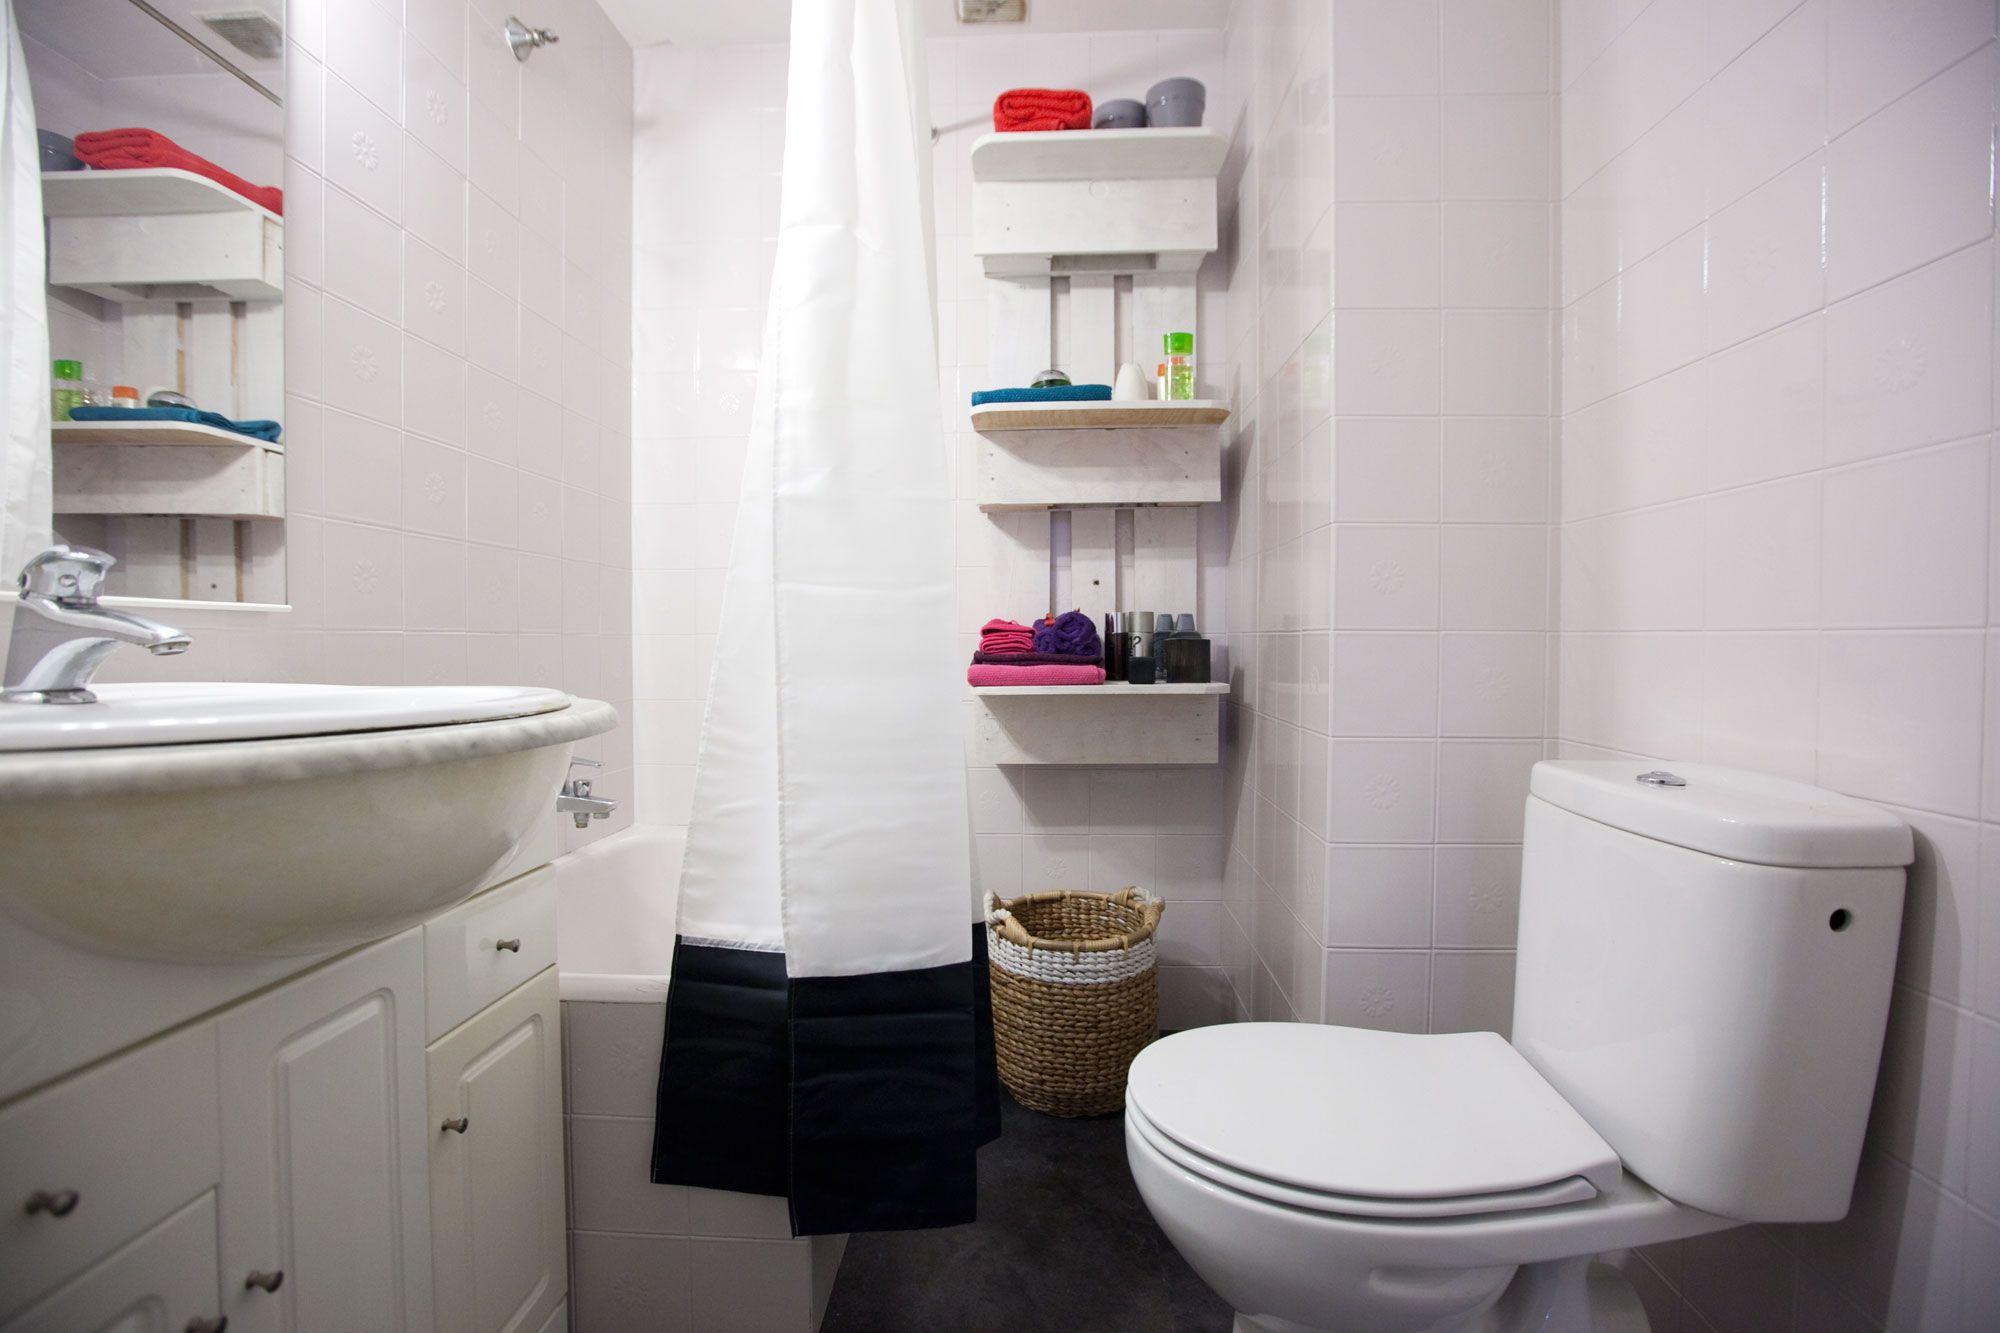 Astuces pour gagner de la place dans la salle de bain